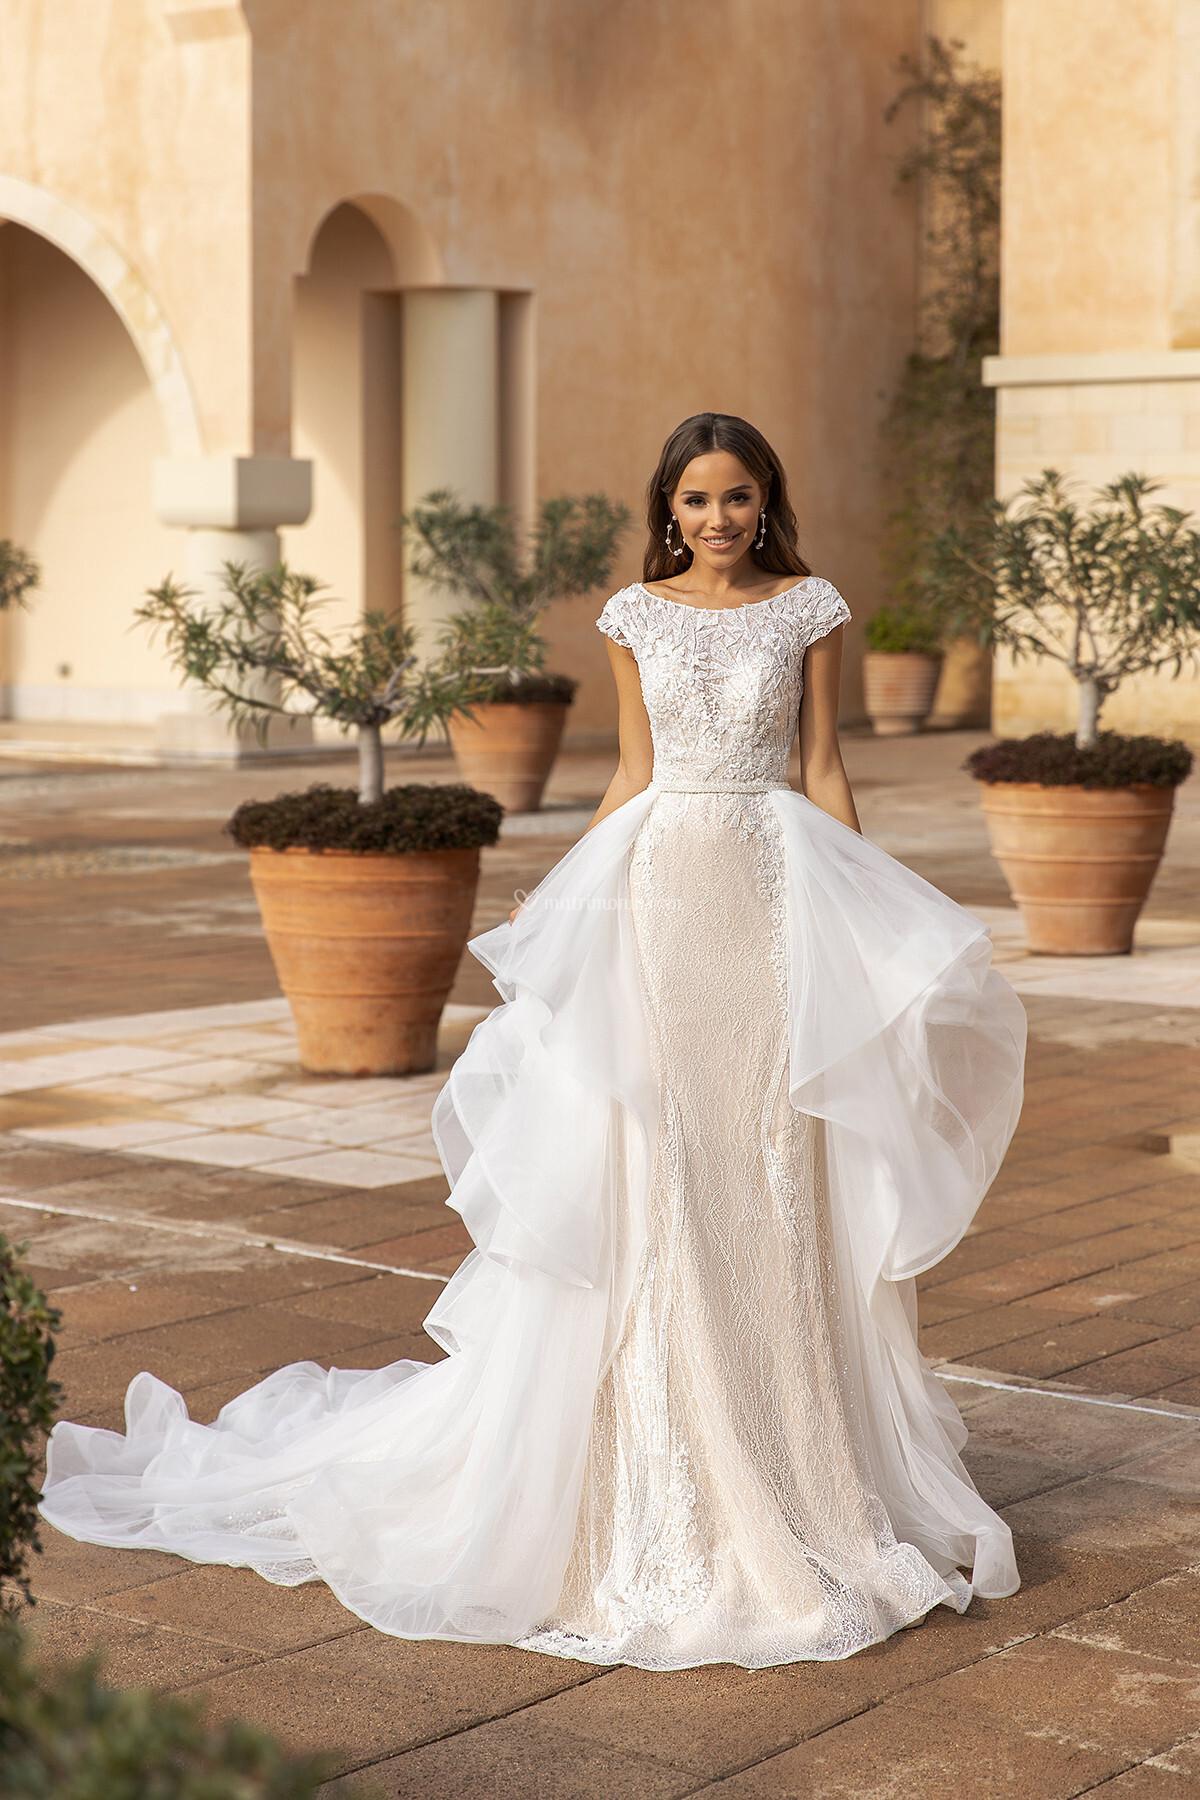 Questo vestito: tanto, poco o abbastanza? 1